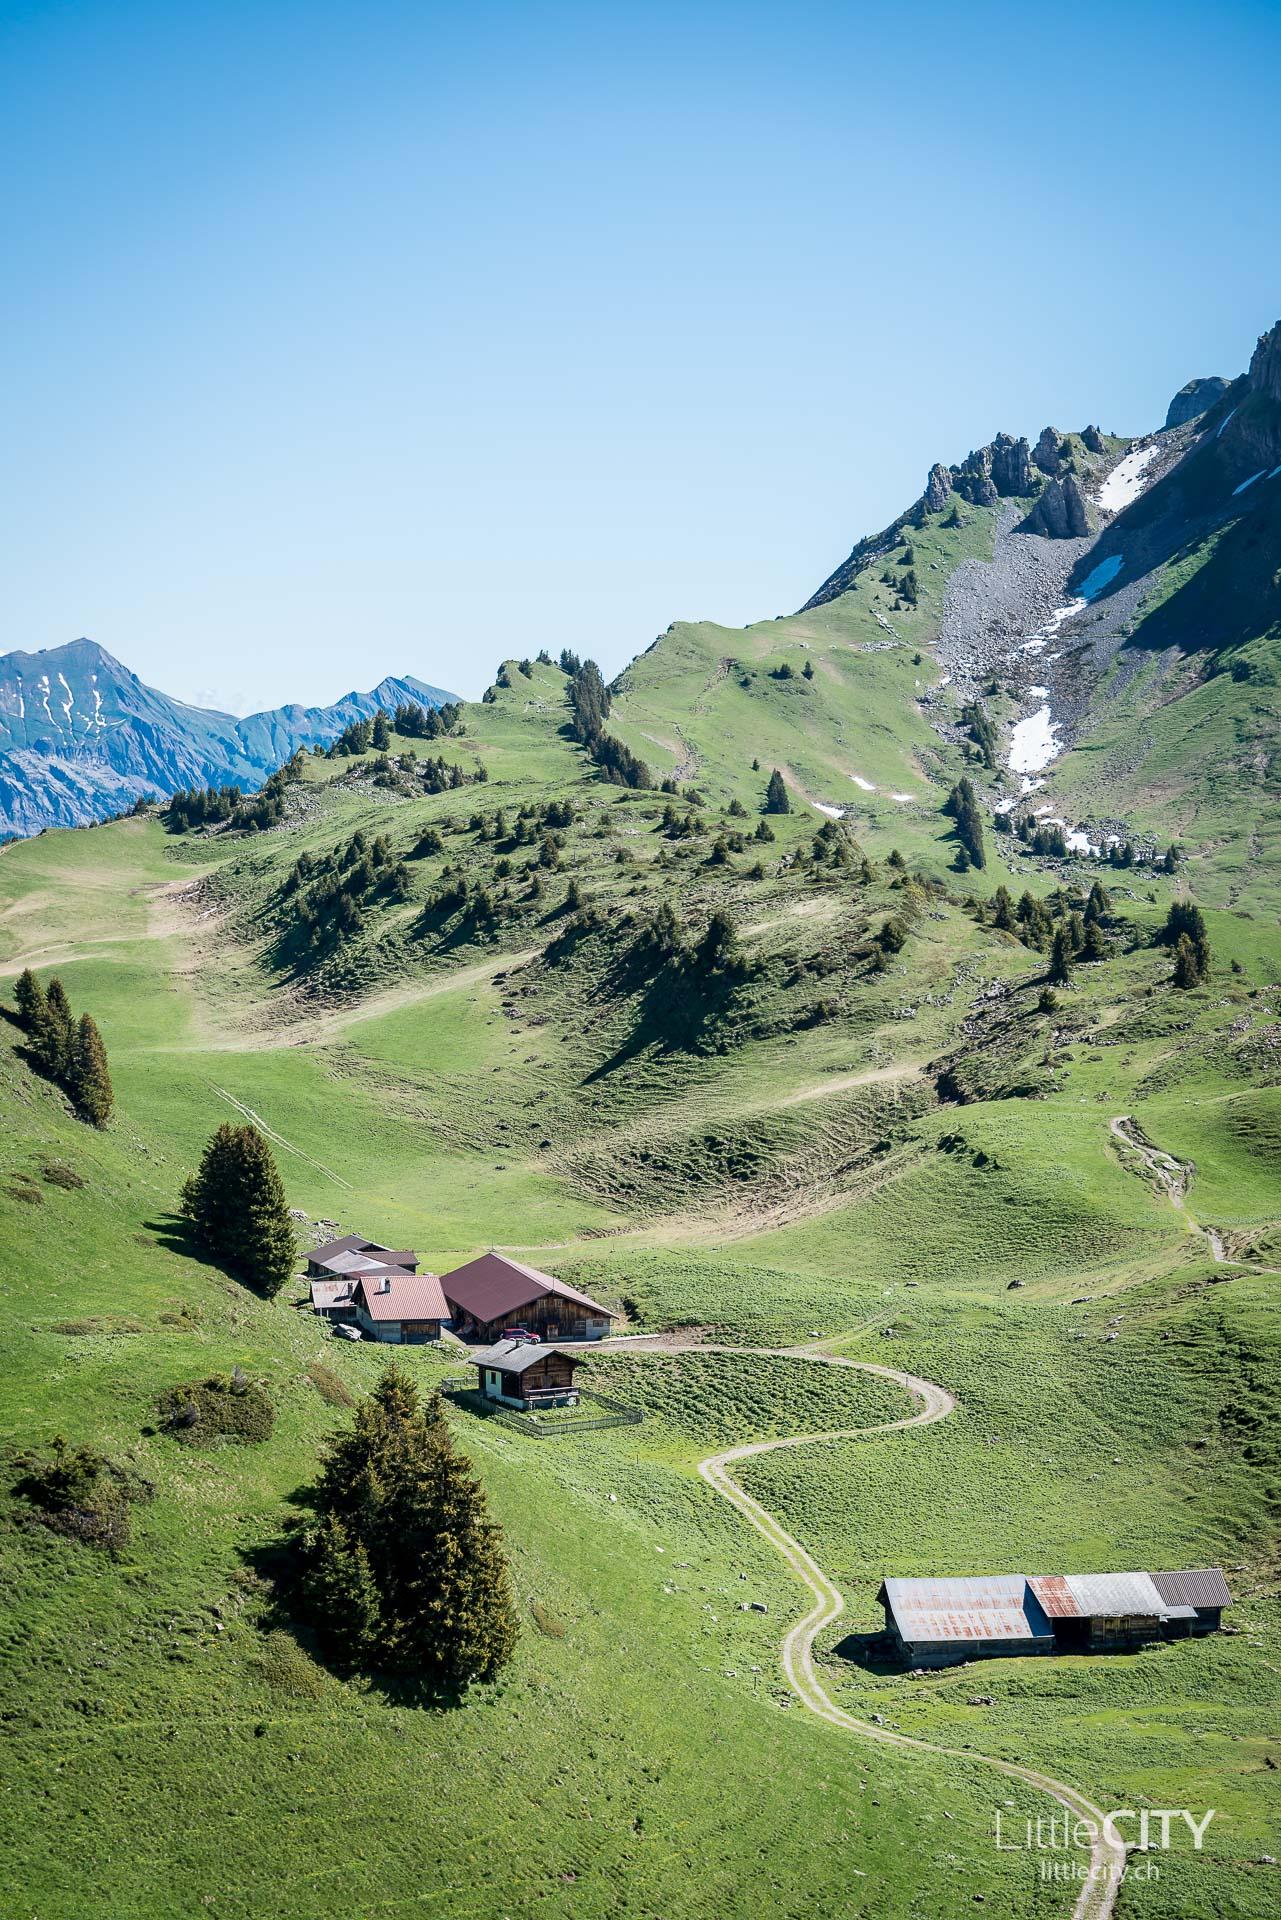 Schynige Platte Wanderung Jungfrau Bahnen LittleCITY-3